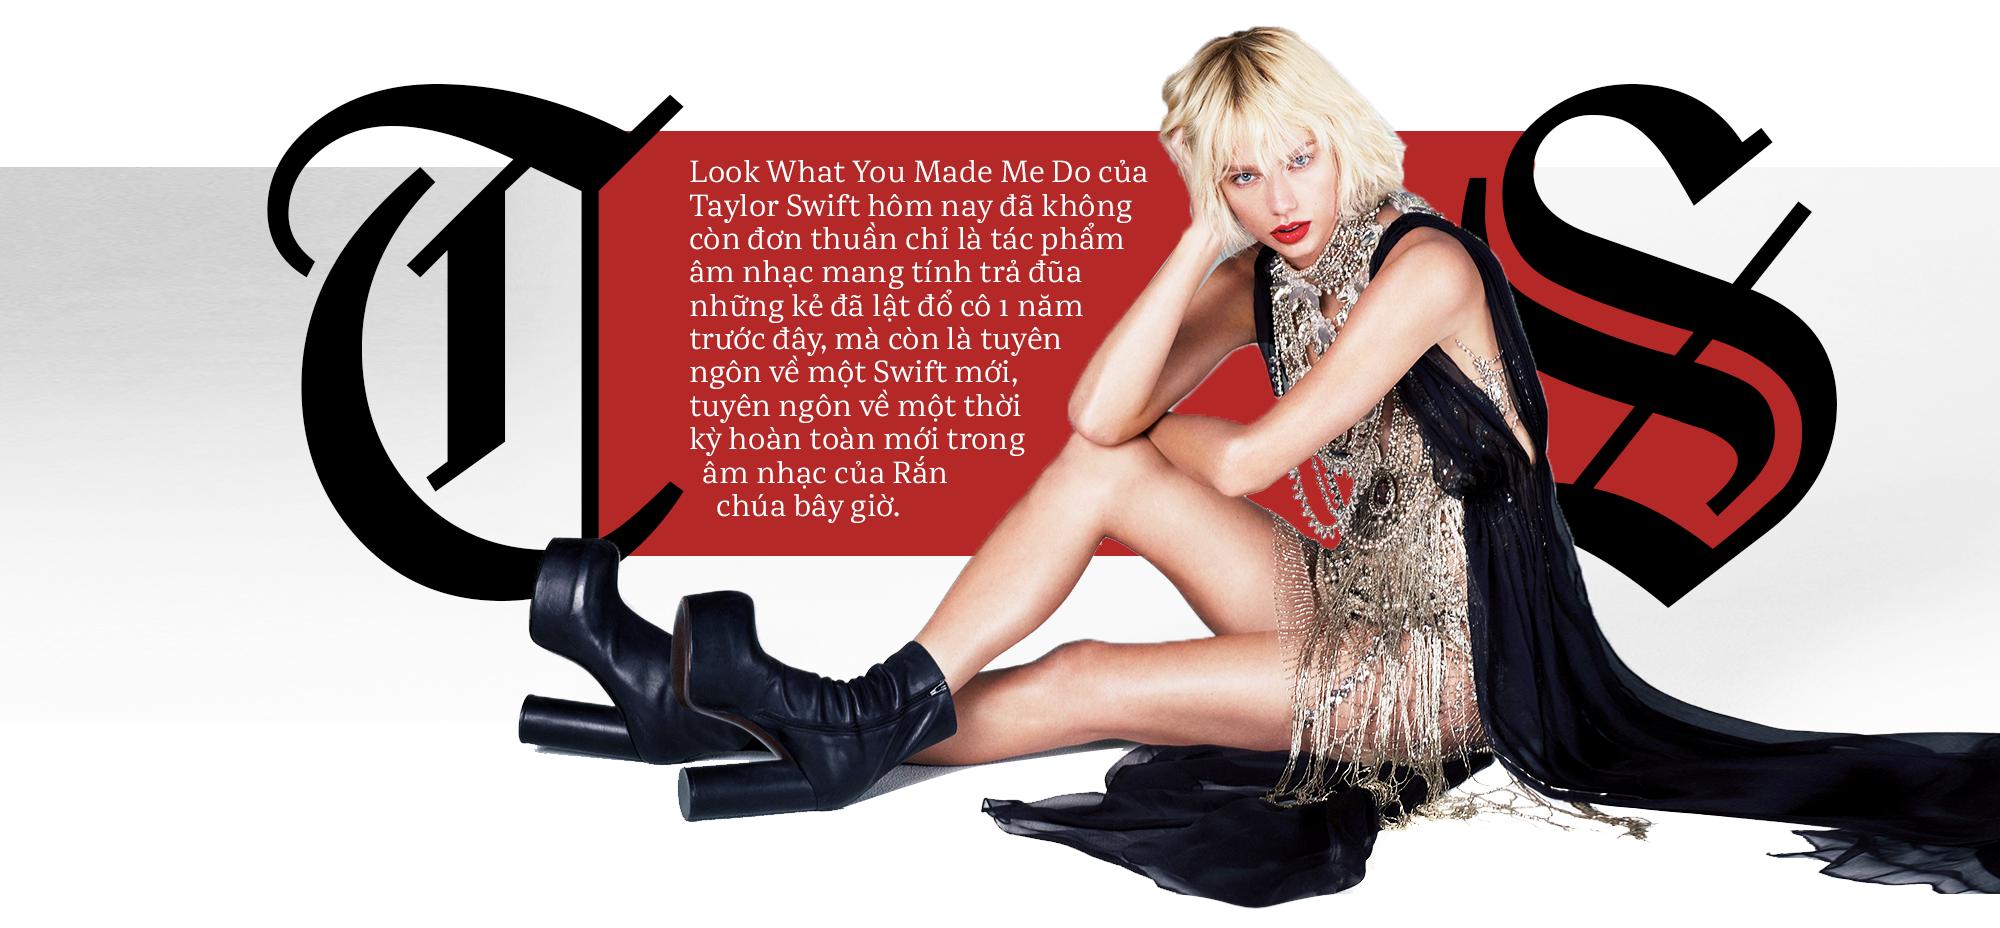 Taylor Swift: Ai yêu cũng được, ghét cũng chả sao, vì chẳng gì cản nổi chị làm nữ hoàng! - Ảnh 11.